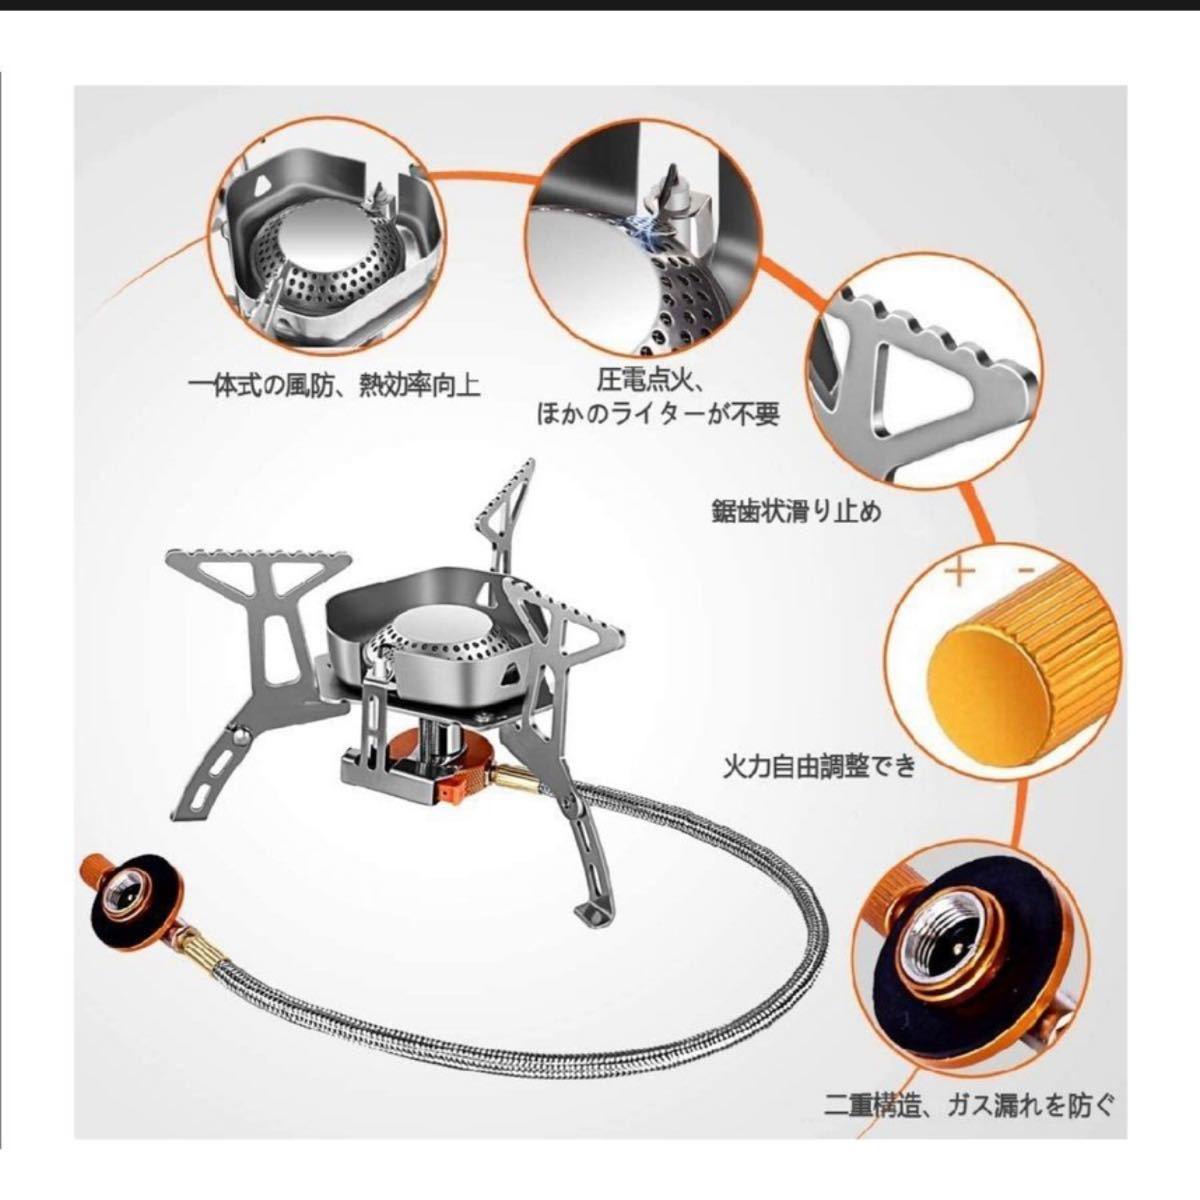 シングルバーナー バーベキューコンロ 折りたたみ式 CB缶/OD缶対応 自由に火力調節 圧電点火 防風 軽量 変換アダプター付き